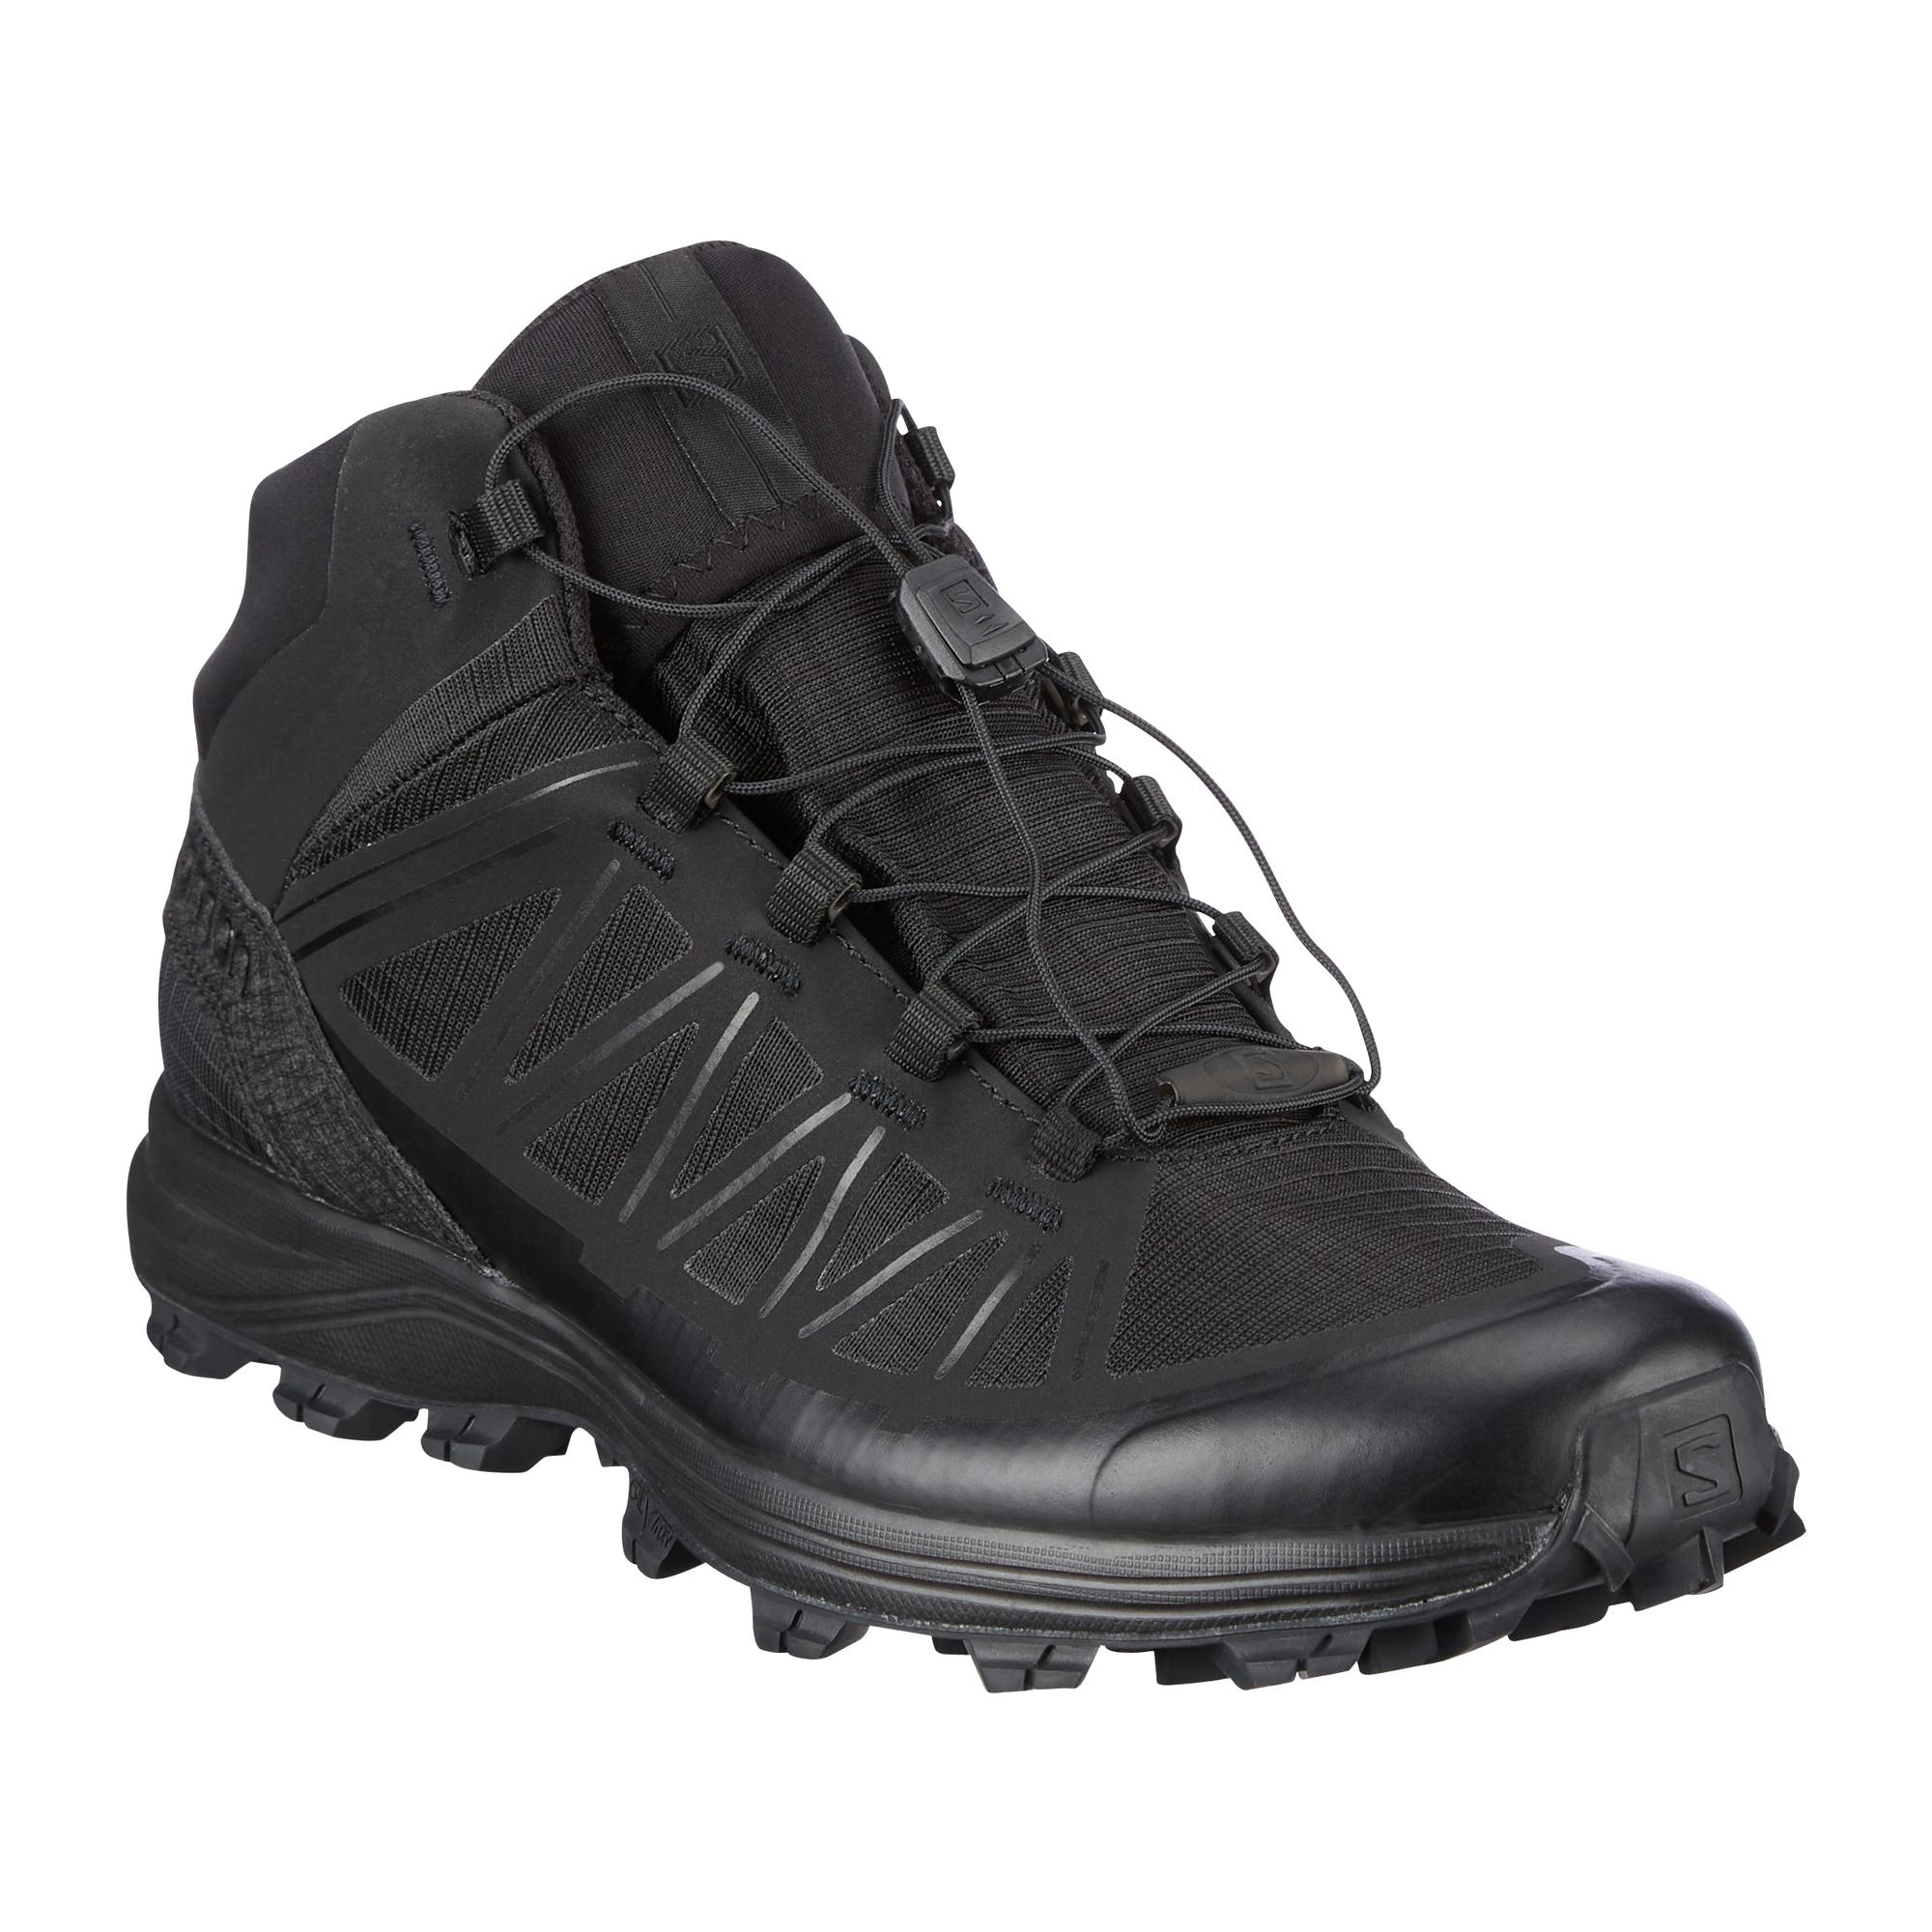 Salomon Shoe Speed Assault Forces black